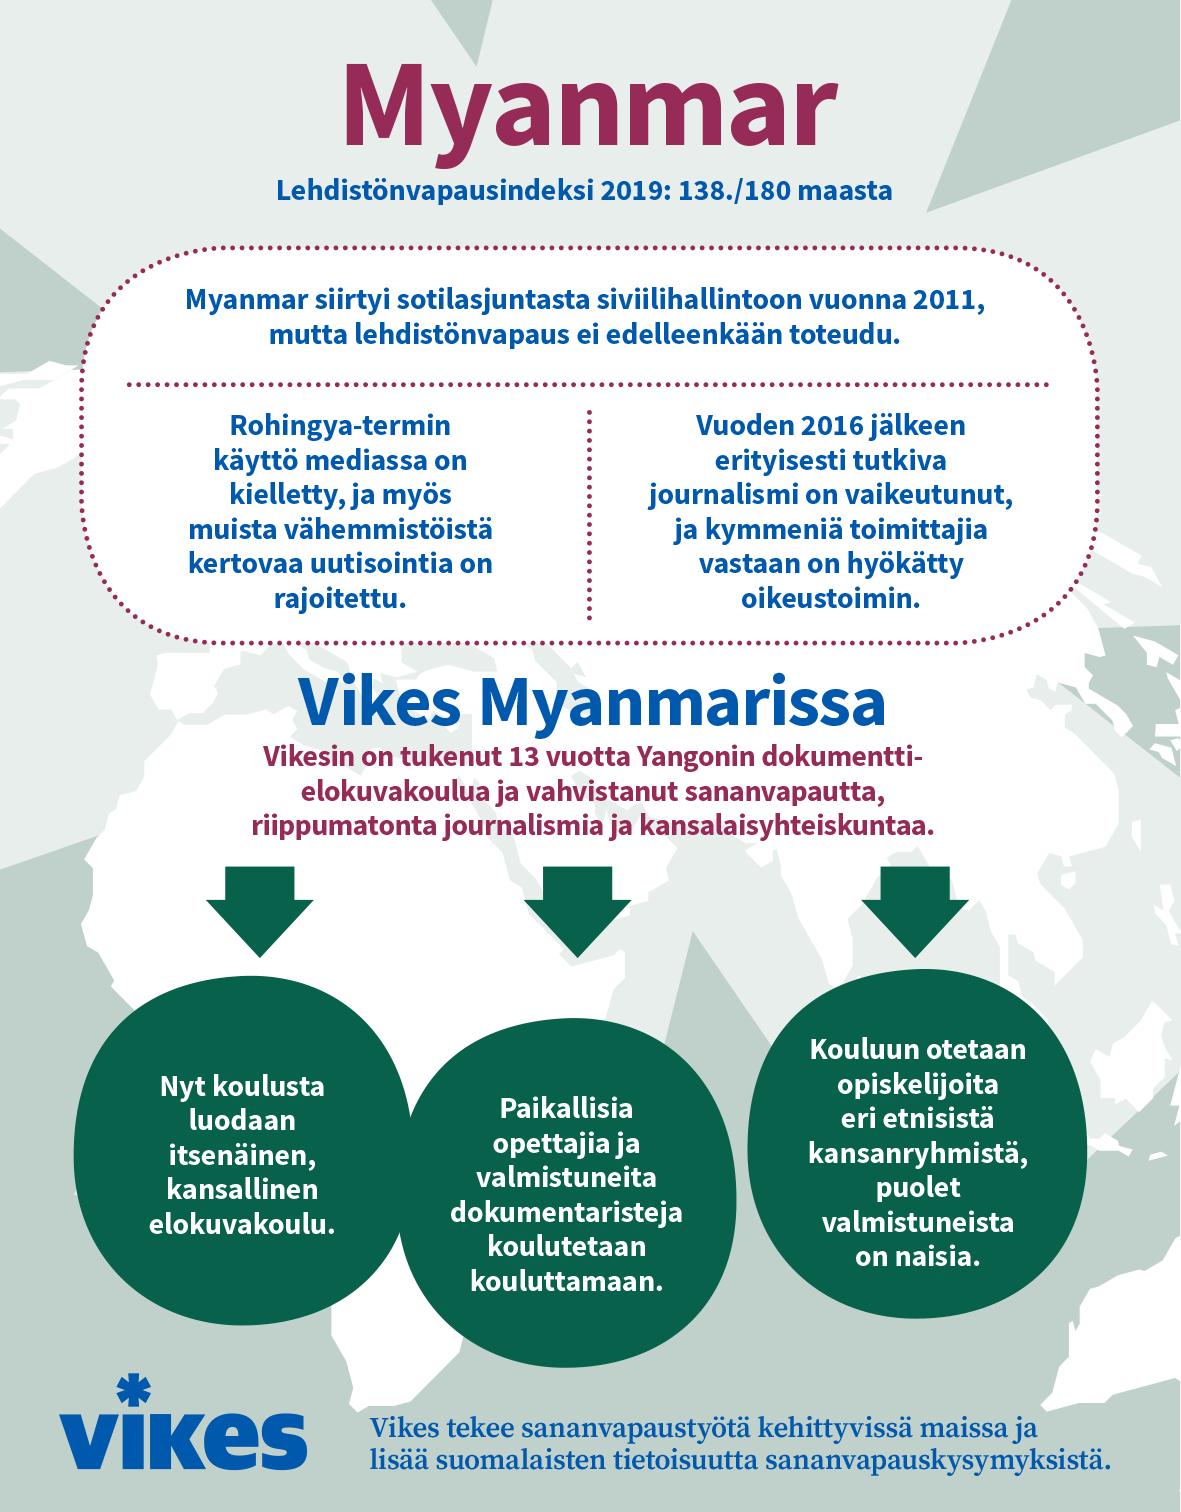 Infografiikka Vikesin työstä Myanmarissa